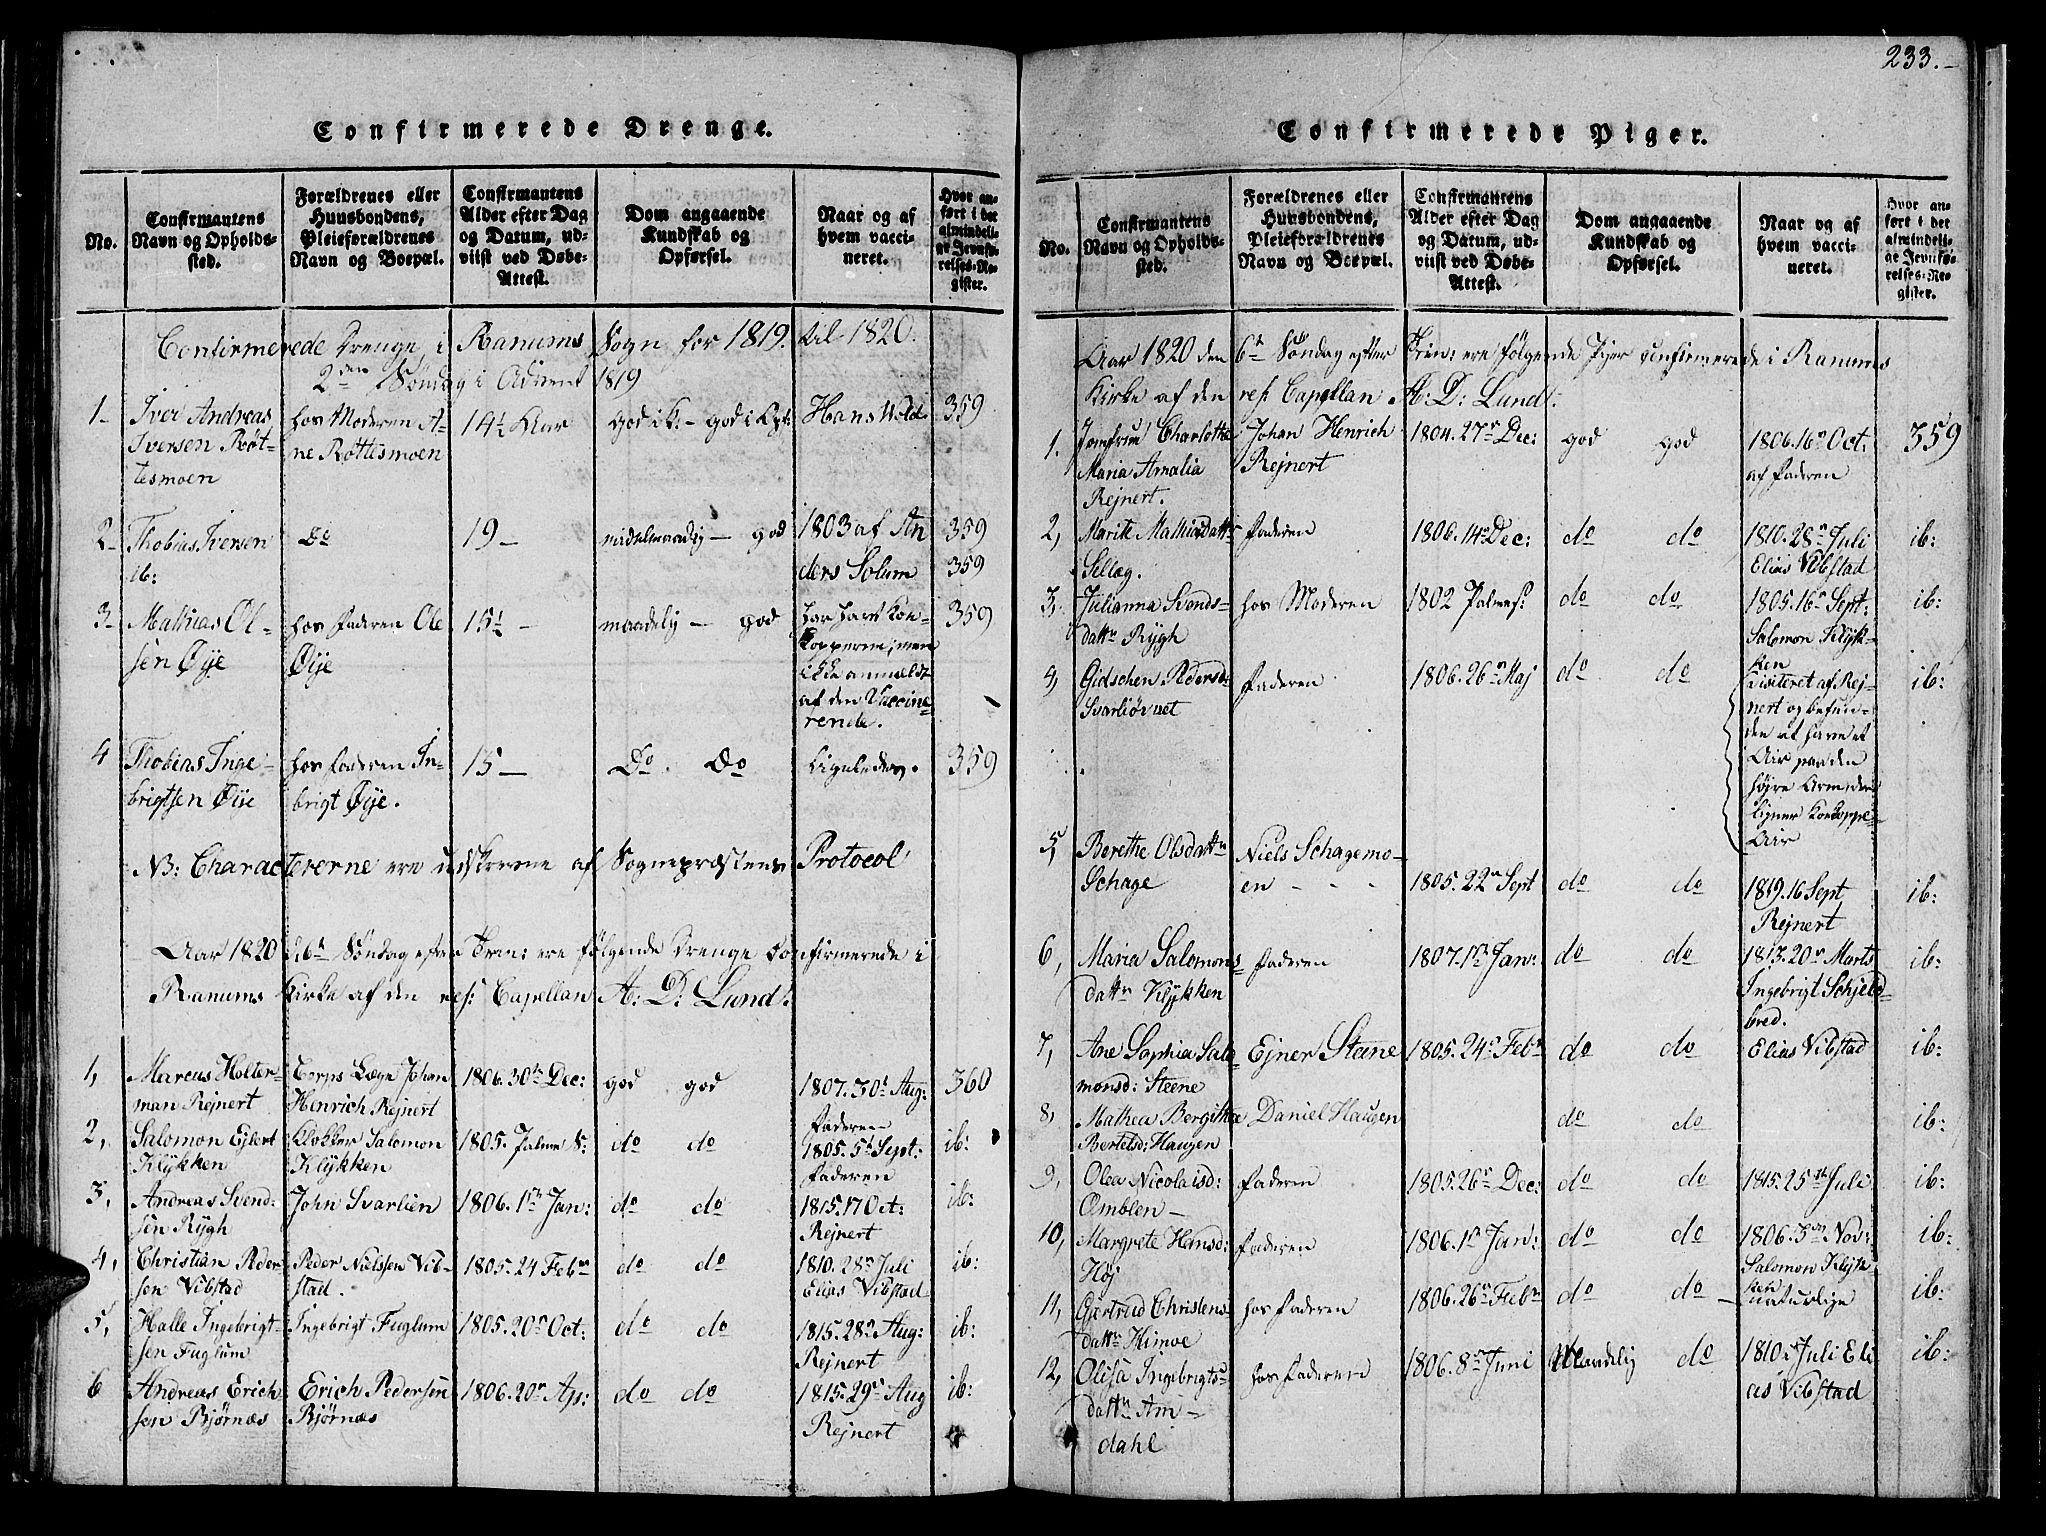 SAT, Ministerialprotokoller, klokkerbøker og fødselsregistre - Nord-Trøndelag, 764/L0559: Klokkerbok nr. 764C01, 1816-1824, s. 233